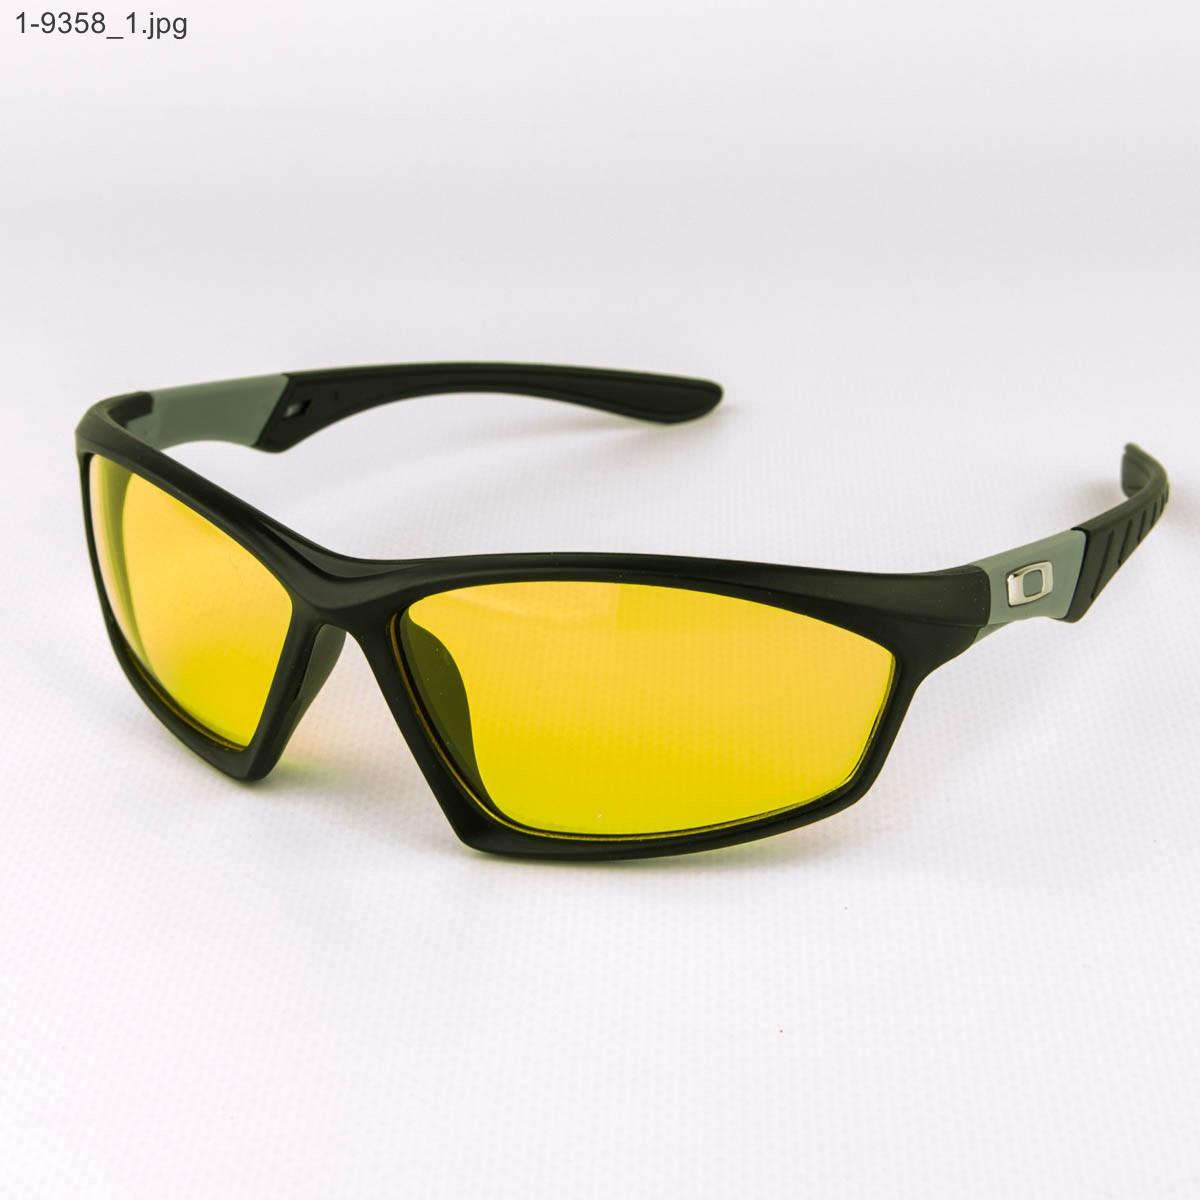 Оптом спортивные мужские очки с желтыми линзами - 1-9358